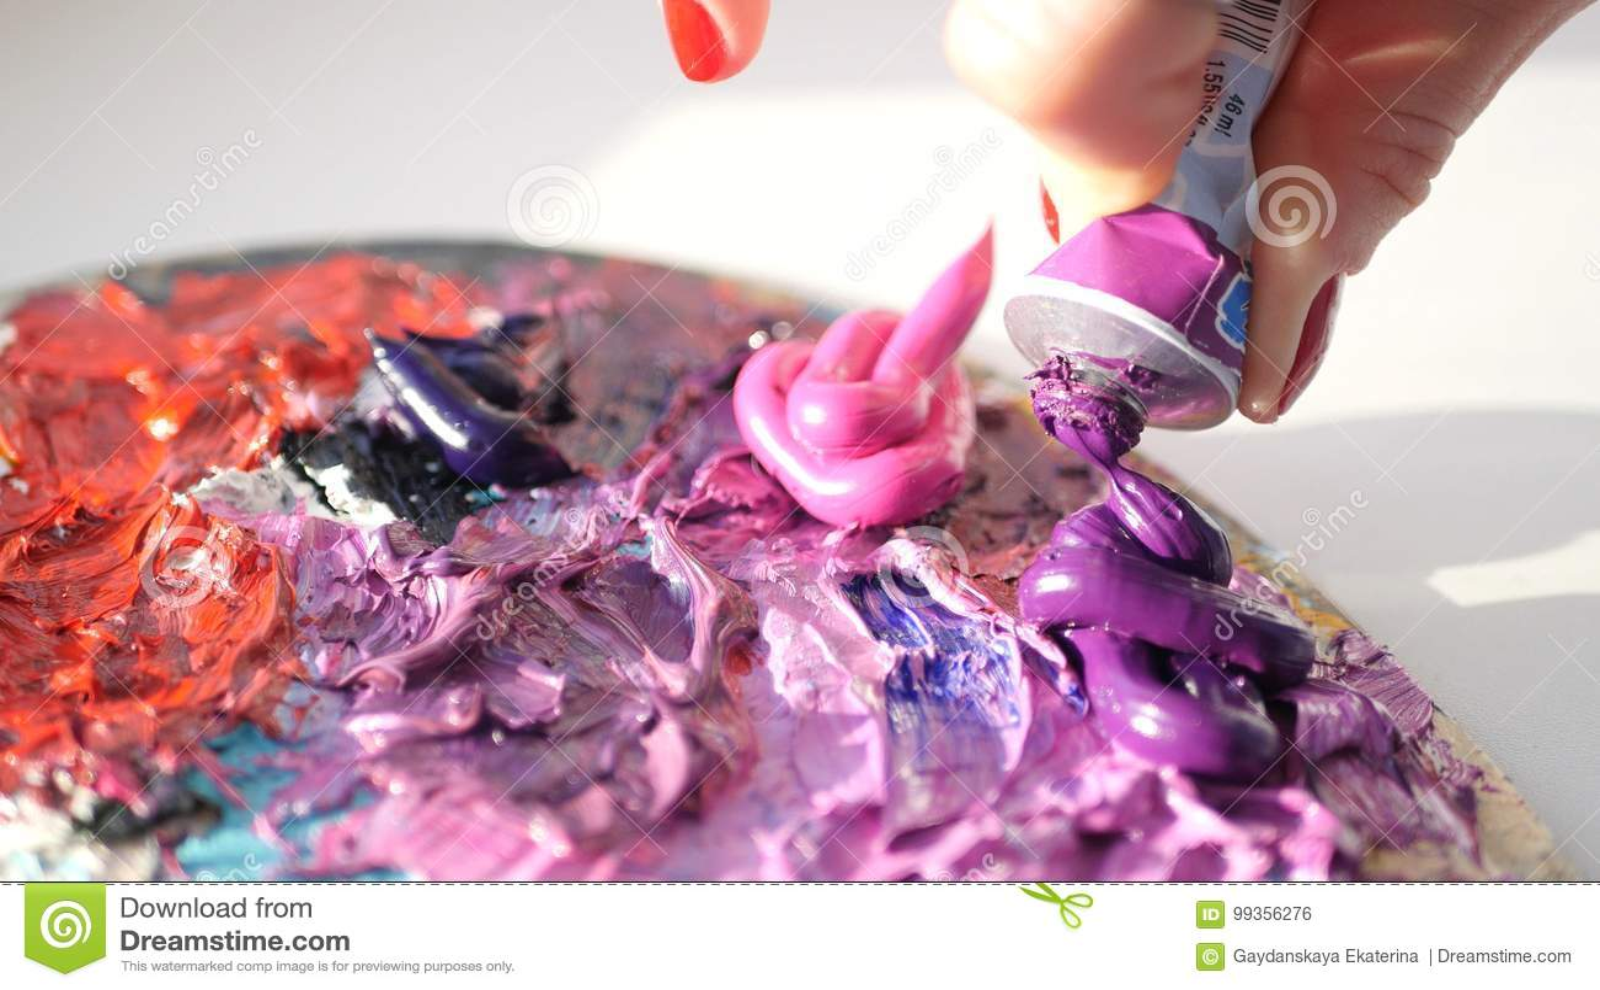 Συμπιέσεις καλλιτεχνών από το σωλήνα στο πορφυρό ελαιούχο ρόδινο χρώμα παλετών, HD